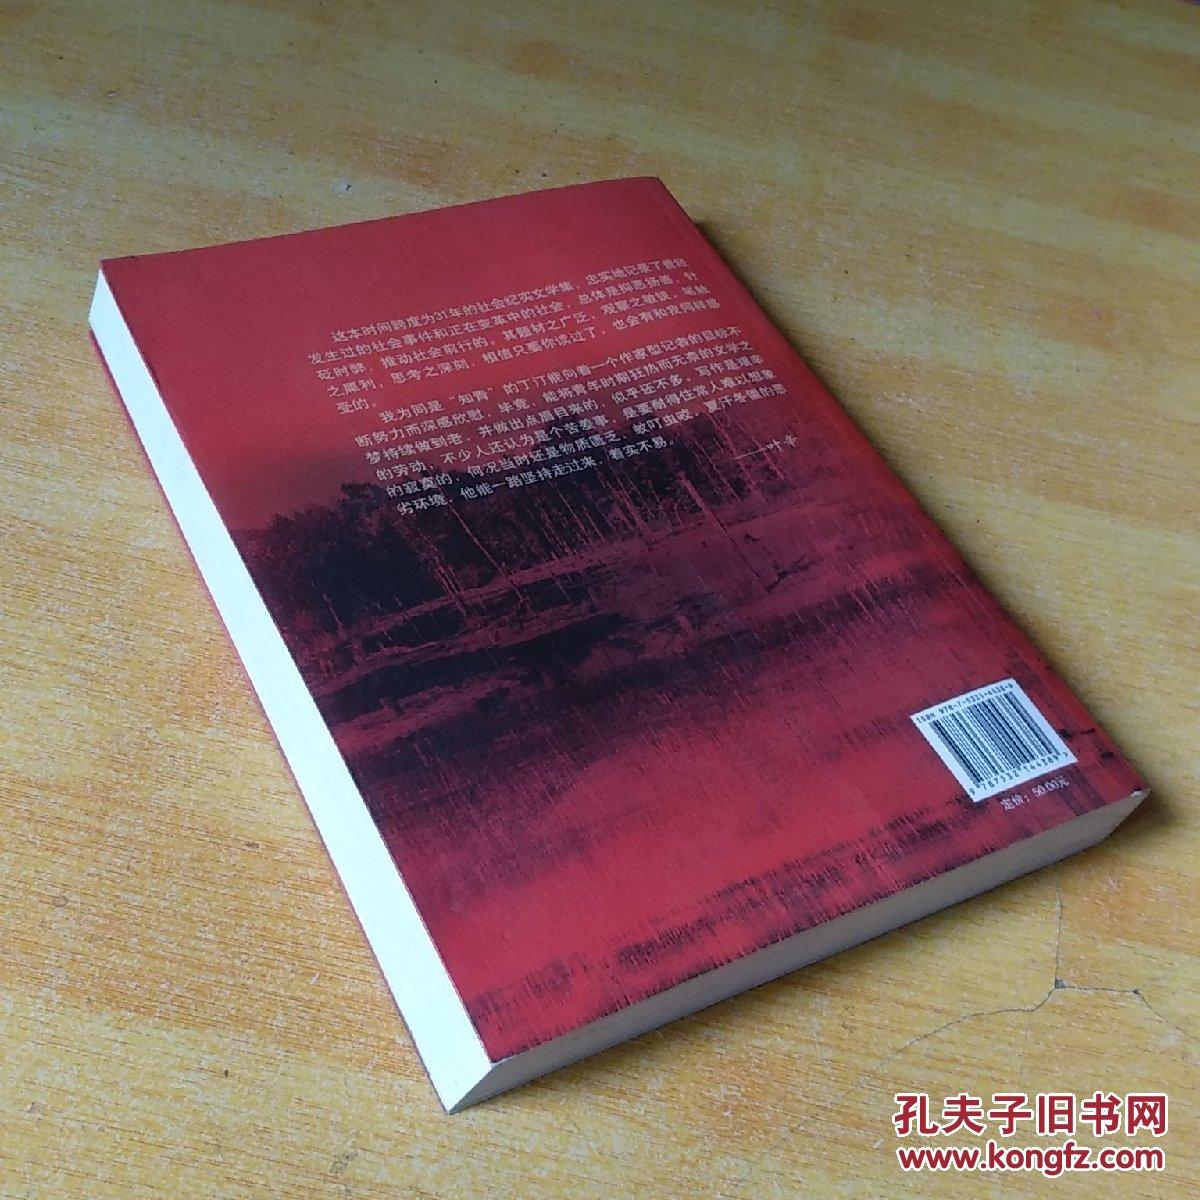 《 丁汀文集之三 《無羈的馬蹄》》簽贈本圖片